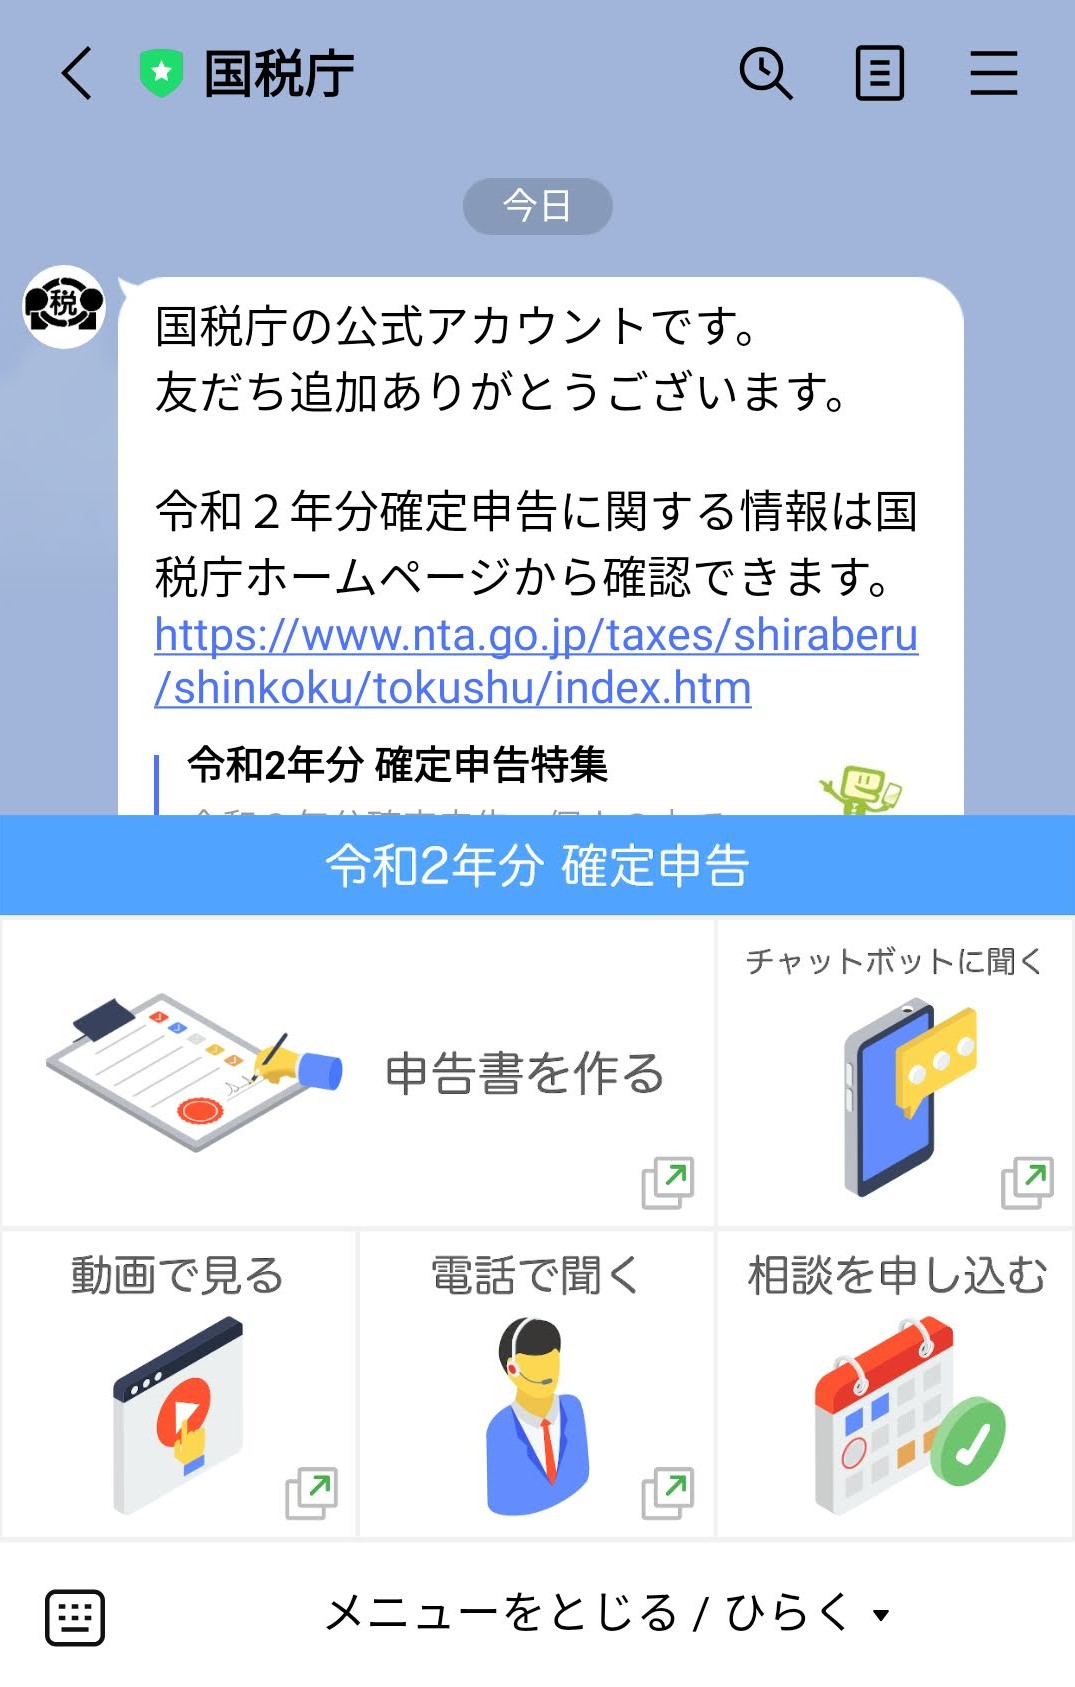 アカウント 国税庁 line 公式